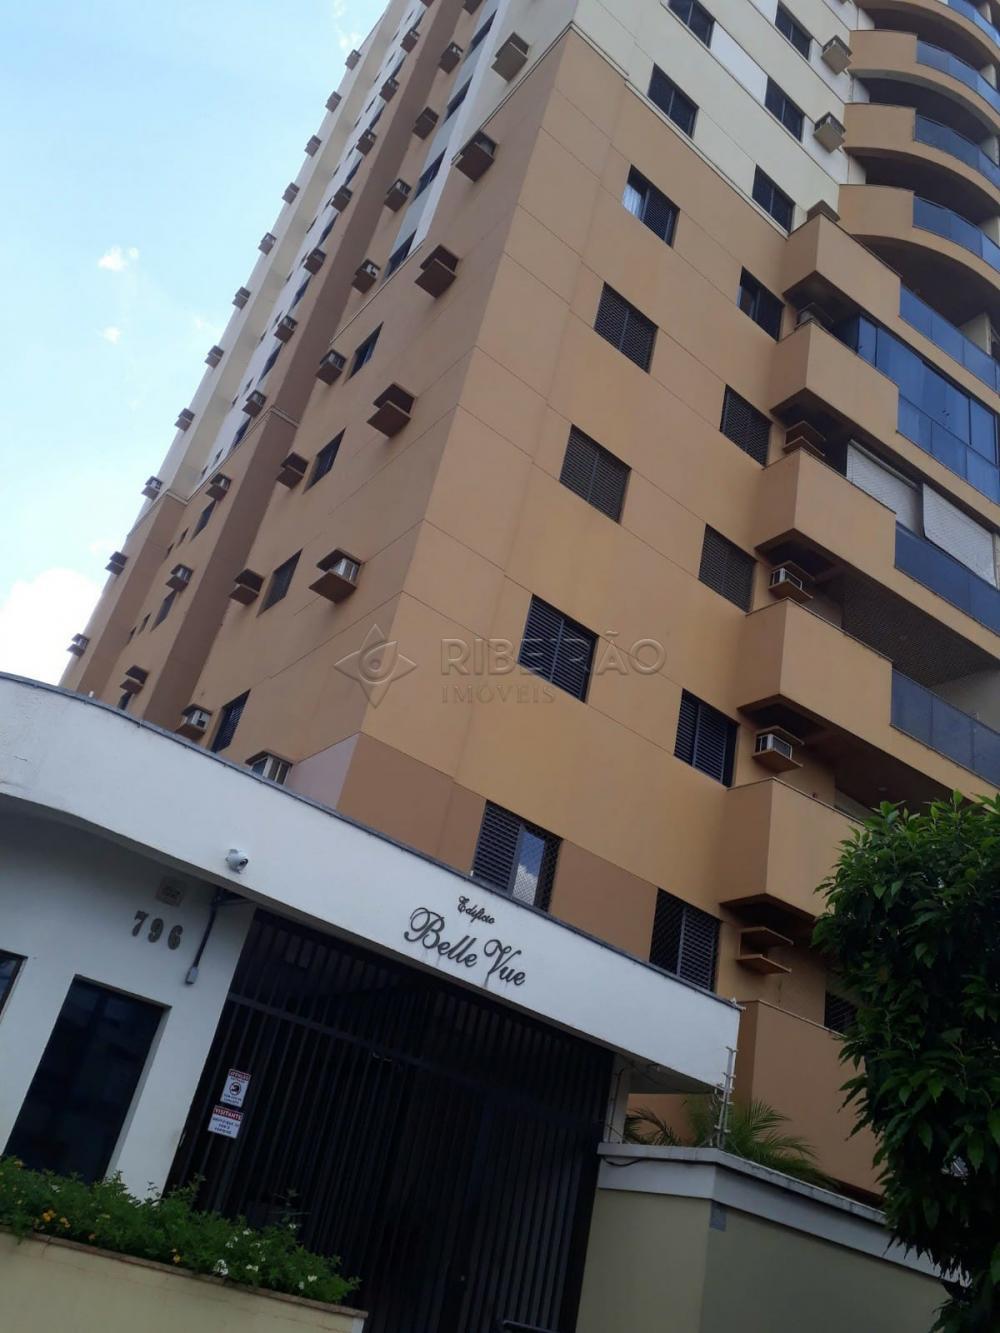 Ribeirao Preto Apartamento Venda R$600.000,00 Condominio R$800,00 3 Dormitorios 2 Suites Area construida 190.20m2